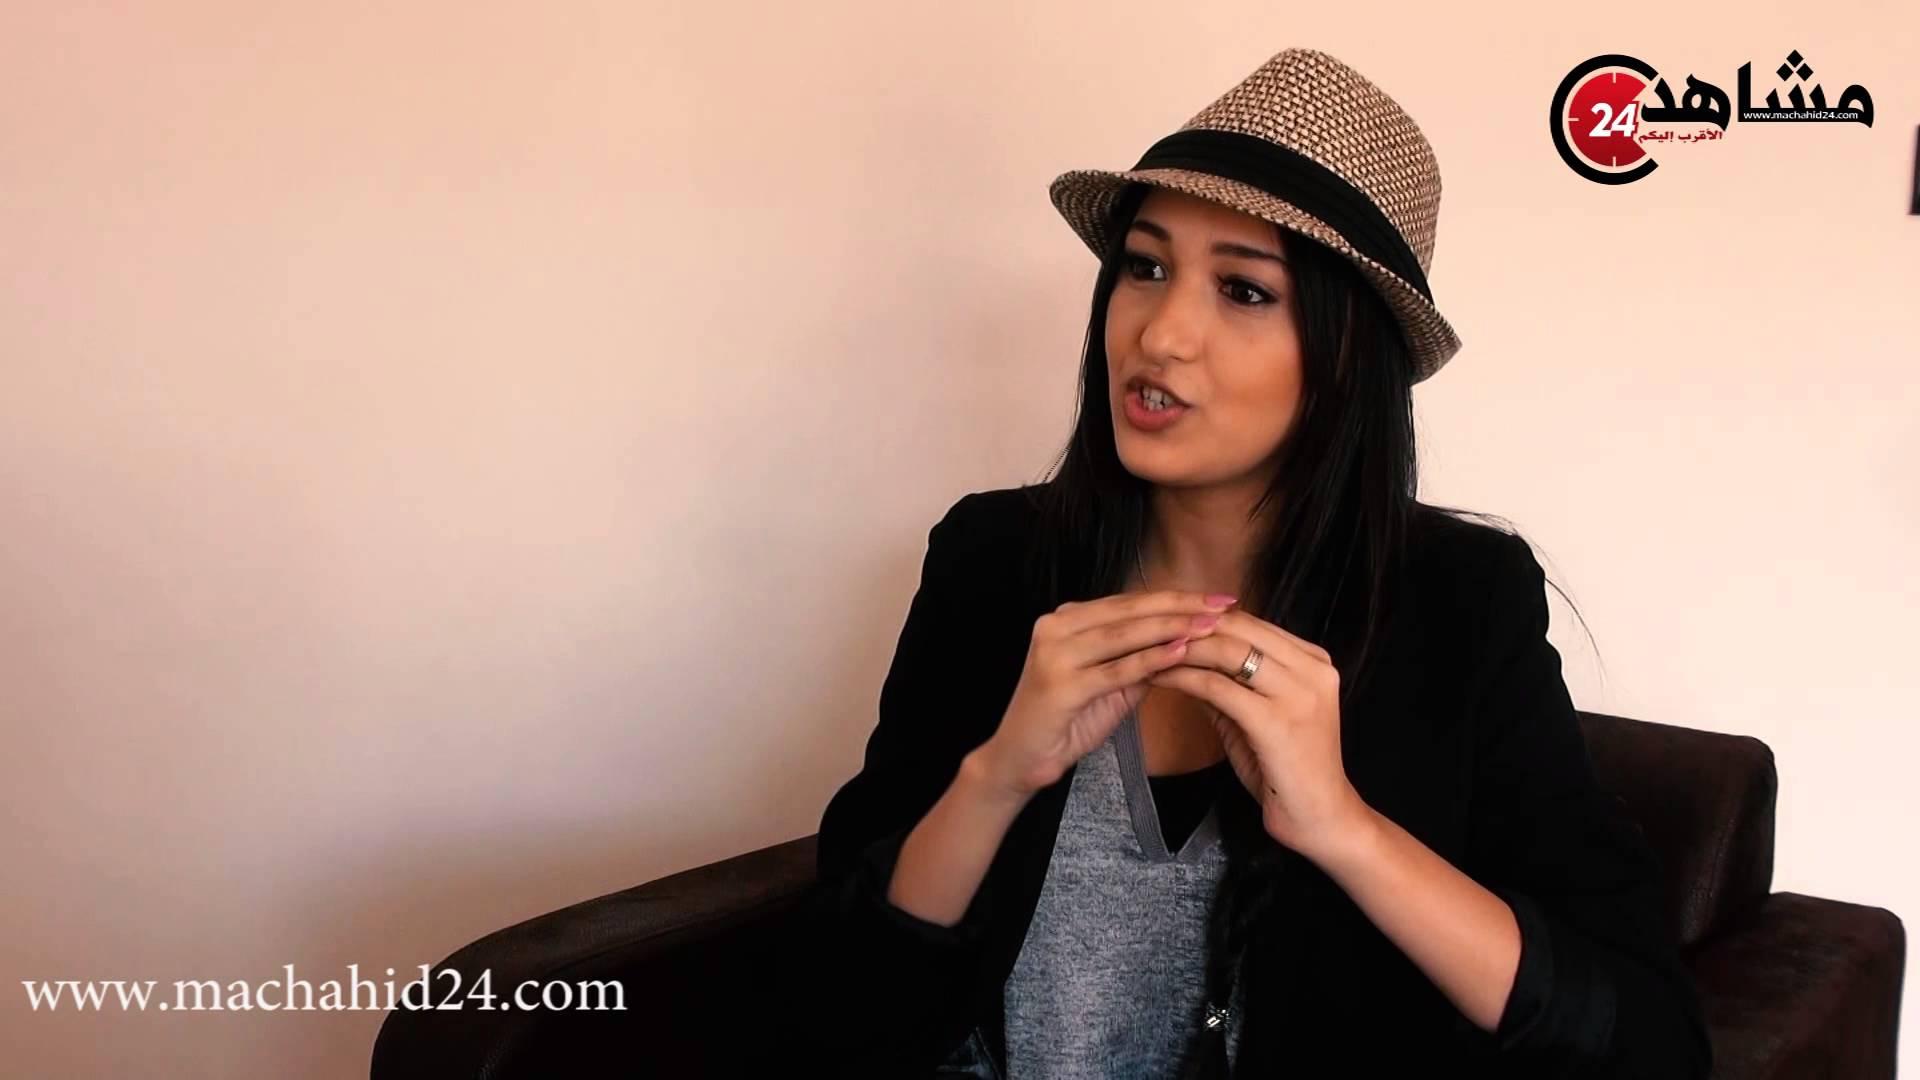 هند الزيادي: الفنانة إليسا من أشد المعجبين بصوتي